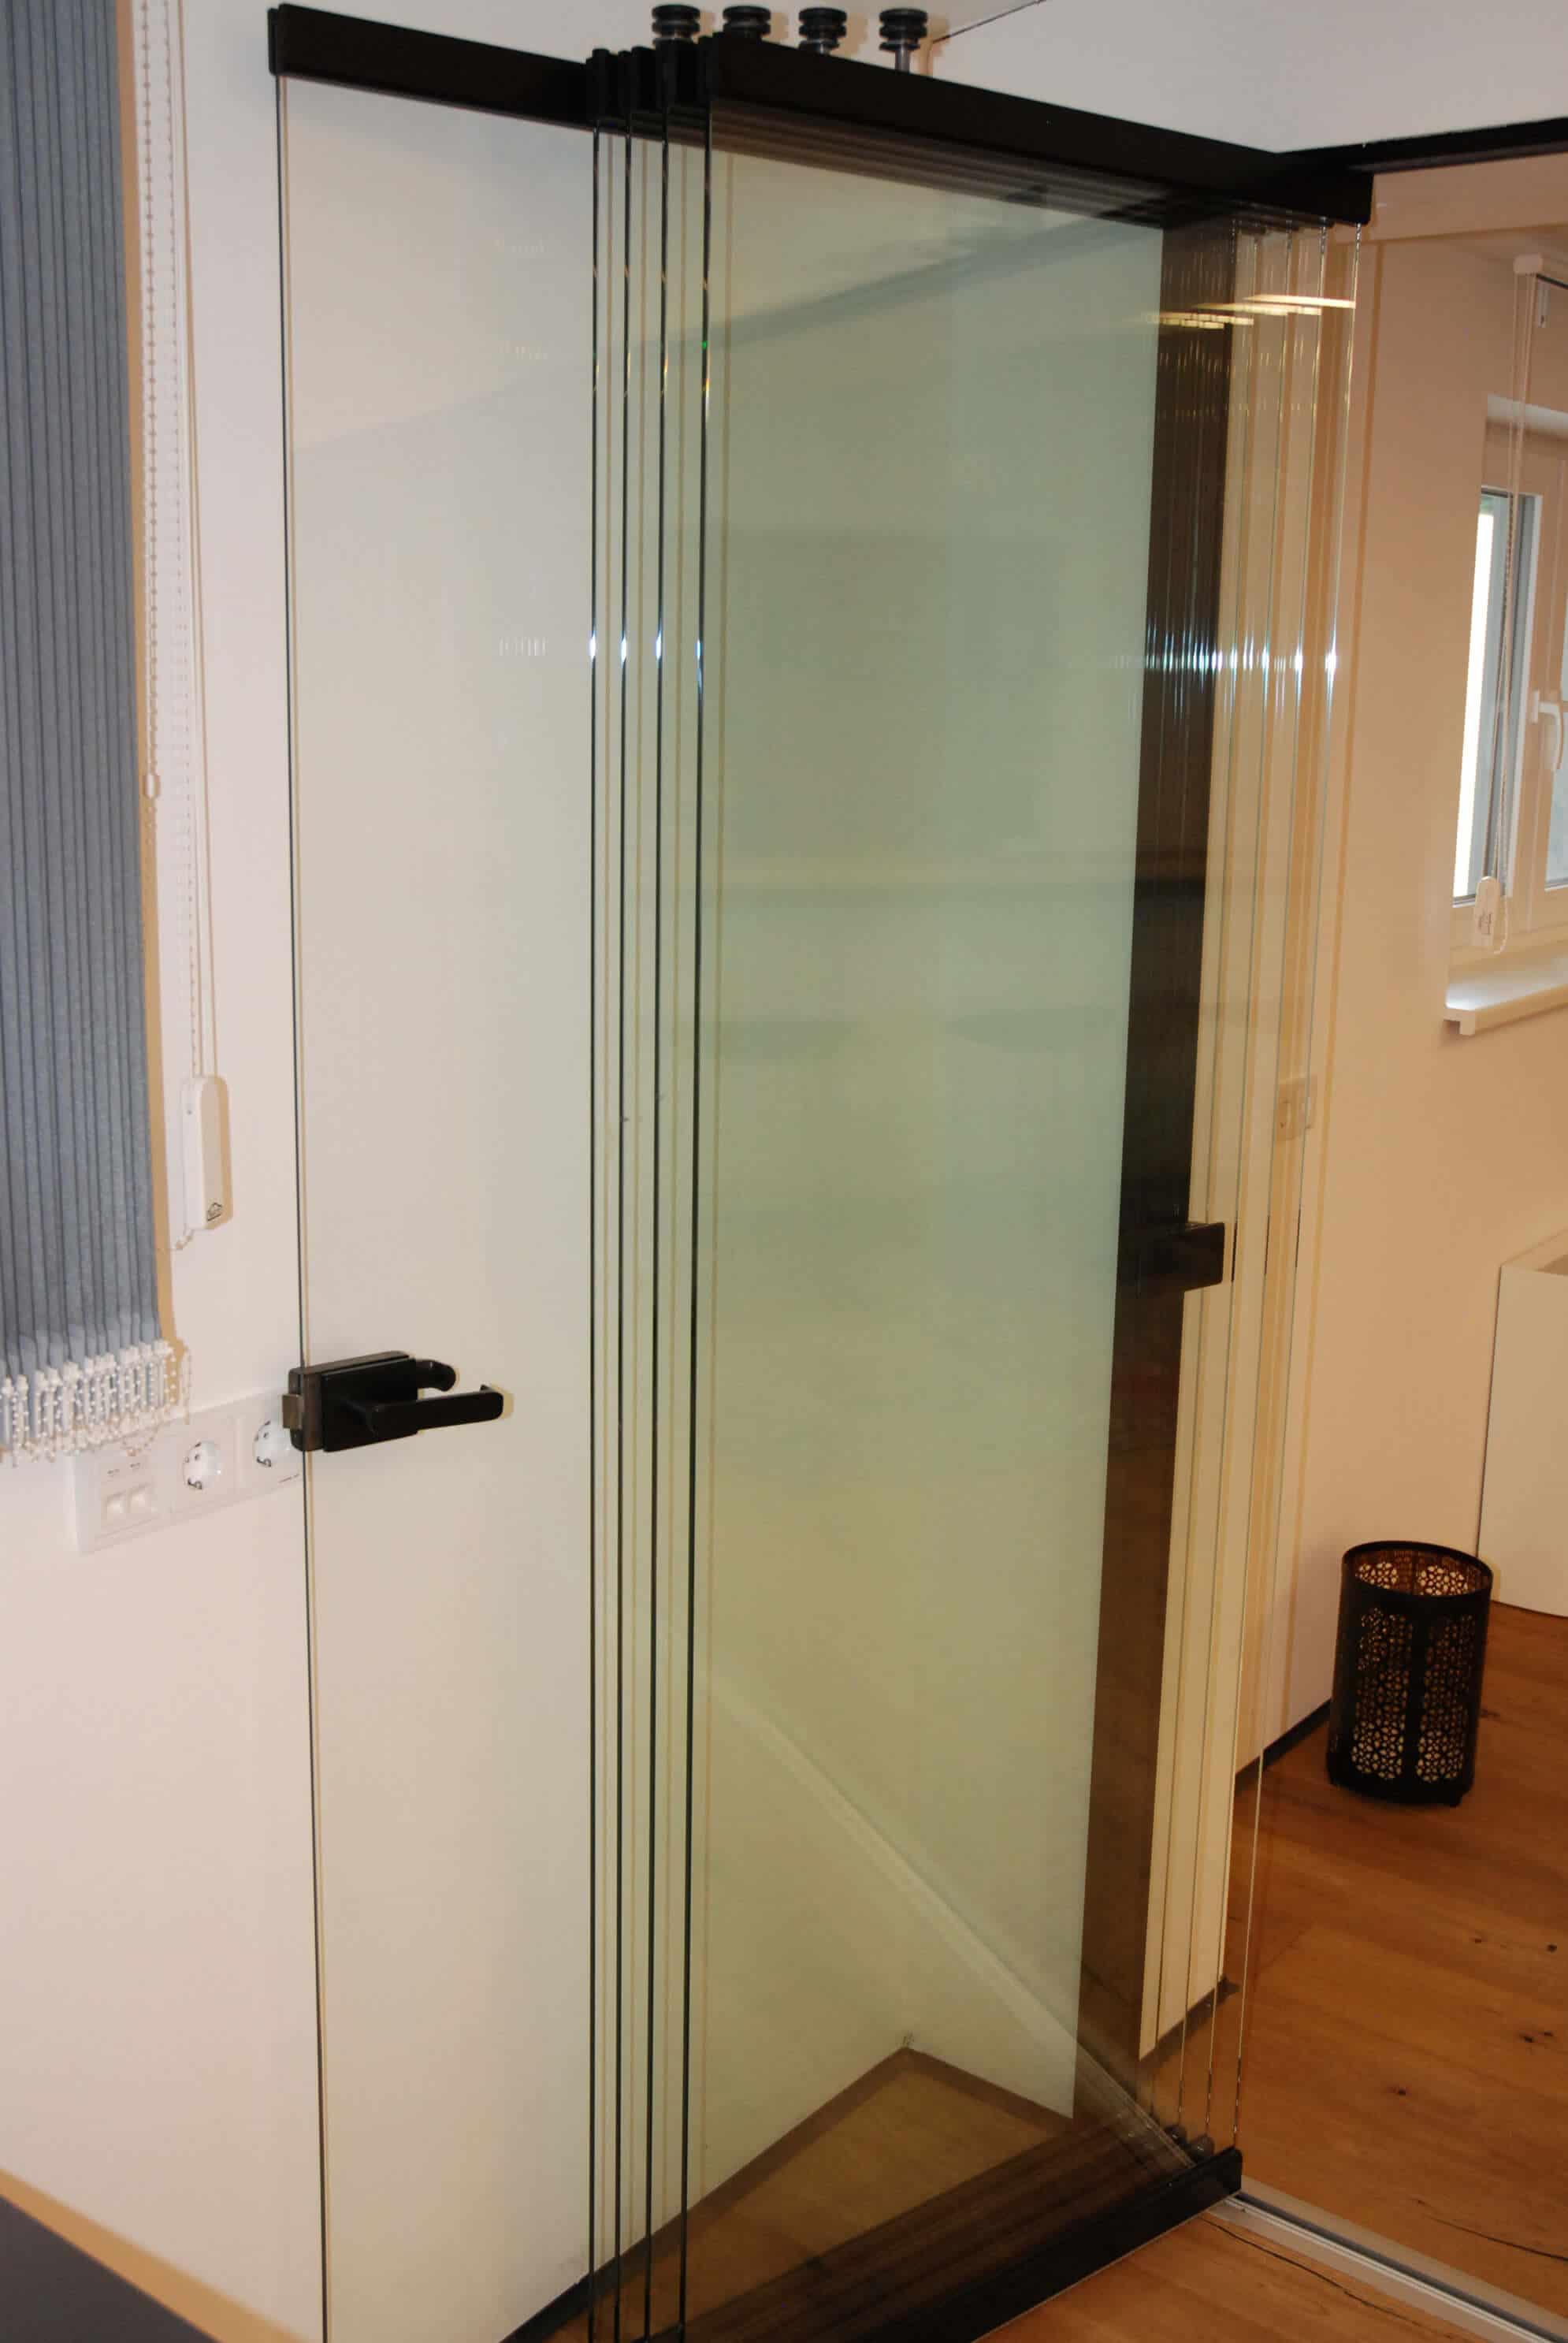 Häufig Falttür Glas für innen oder außen | Sunflex Faltelemente Österreich BG52